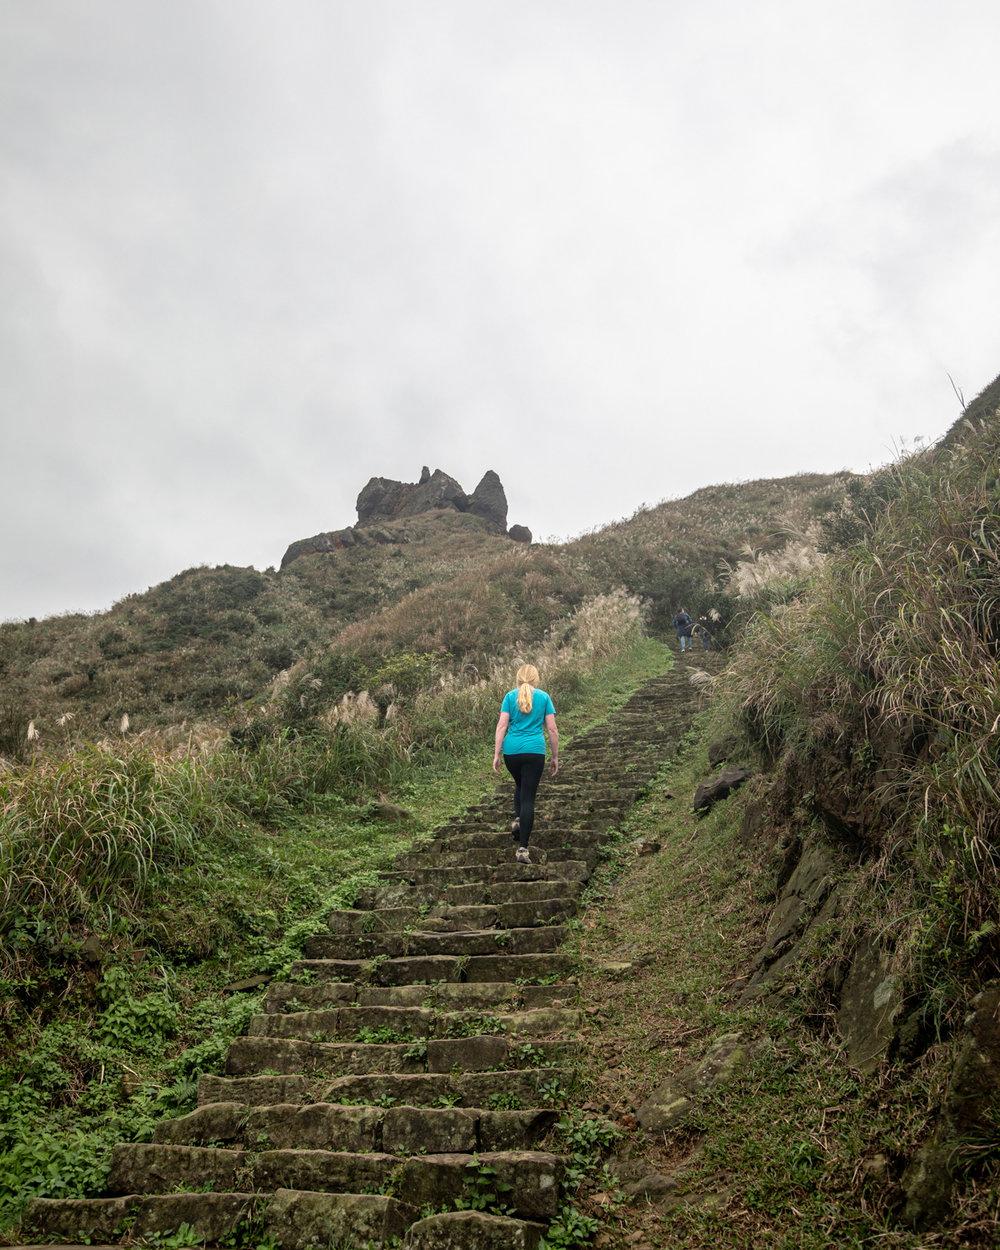 Teapot Mountain: the climb to the summit